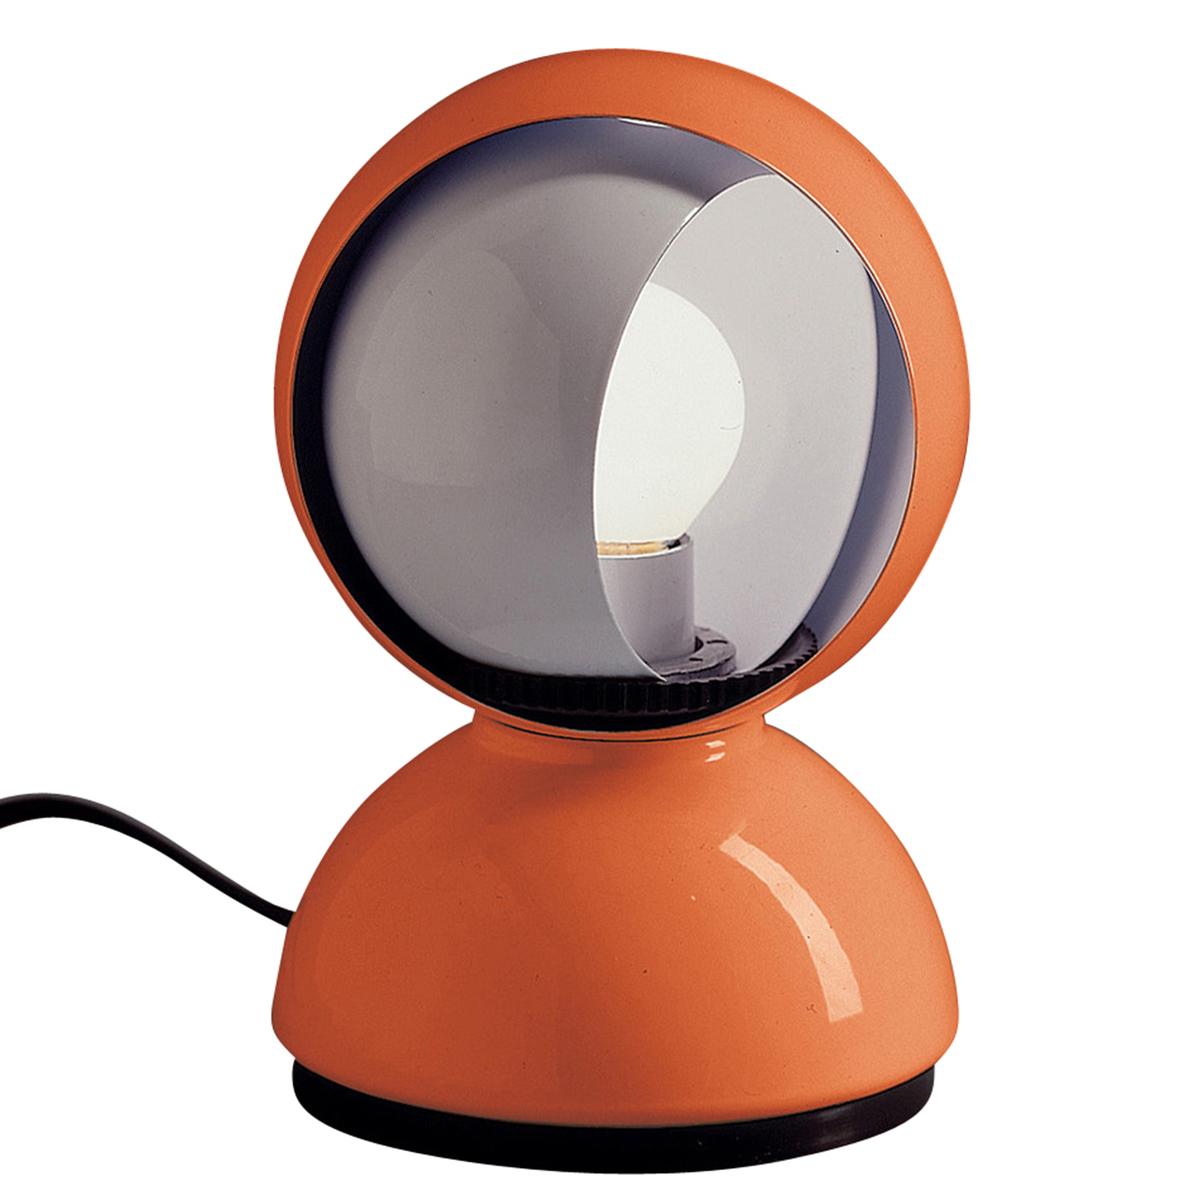 artemide eclisse table ceiling lamp orange finnish design shop. Black Bedroom Furniture Sets. Home Design Ideas